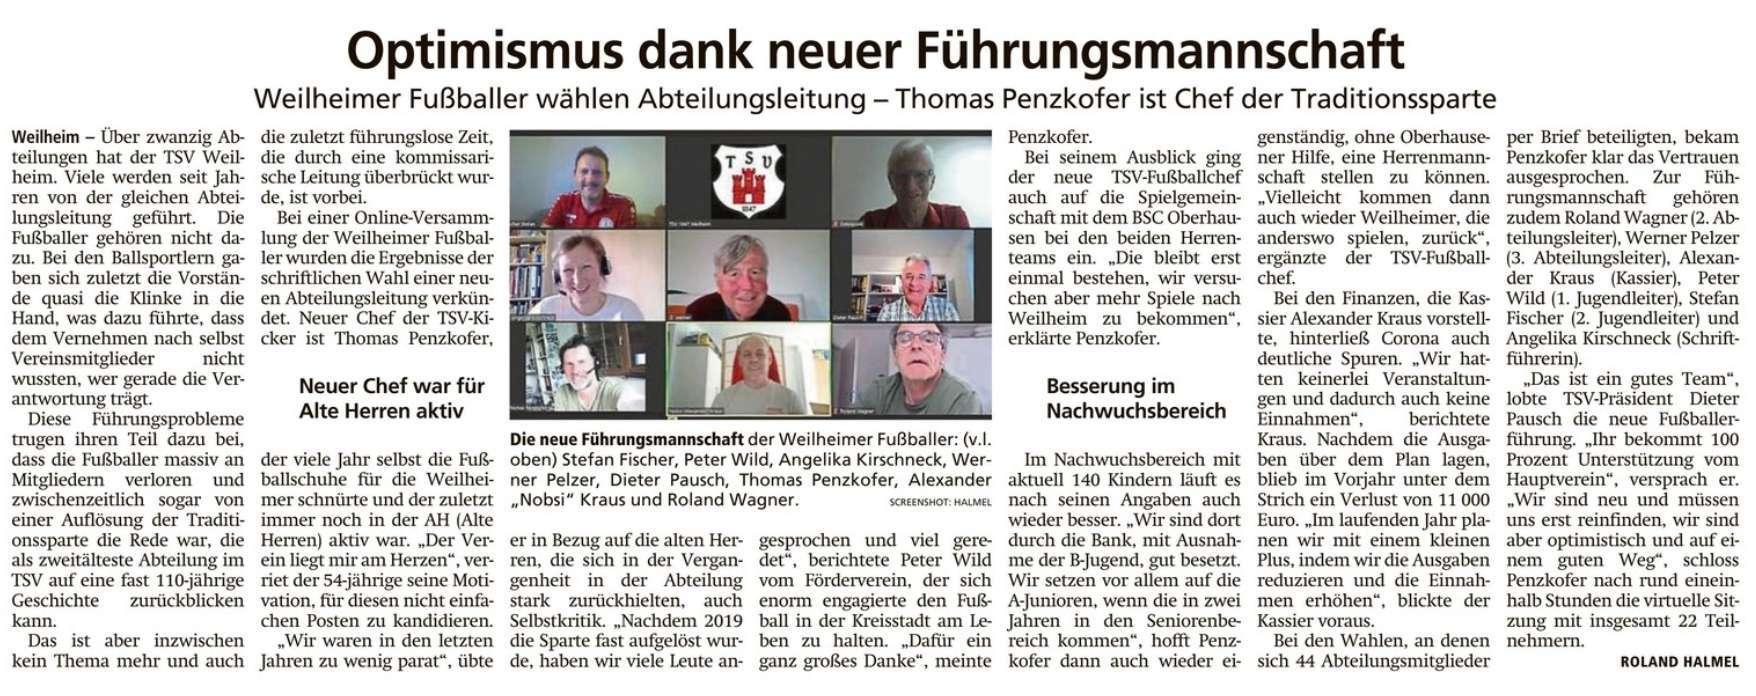 2021-06-04 Tagblatt fm